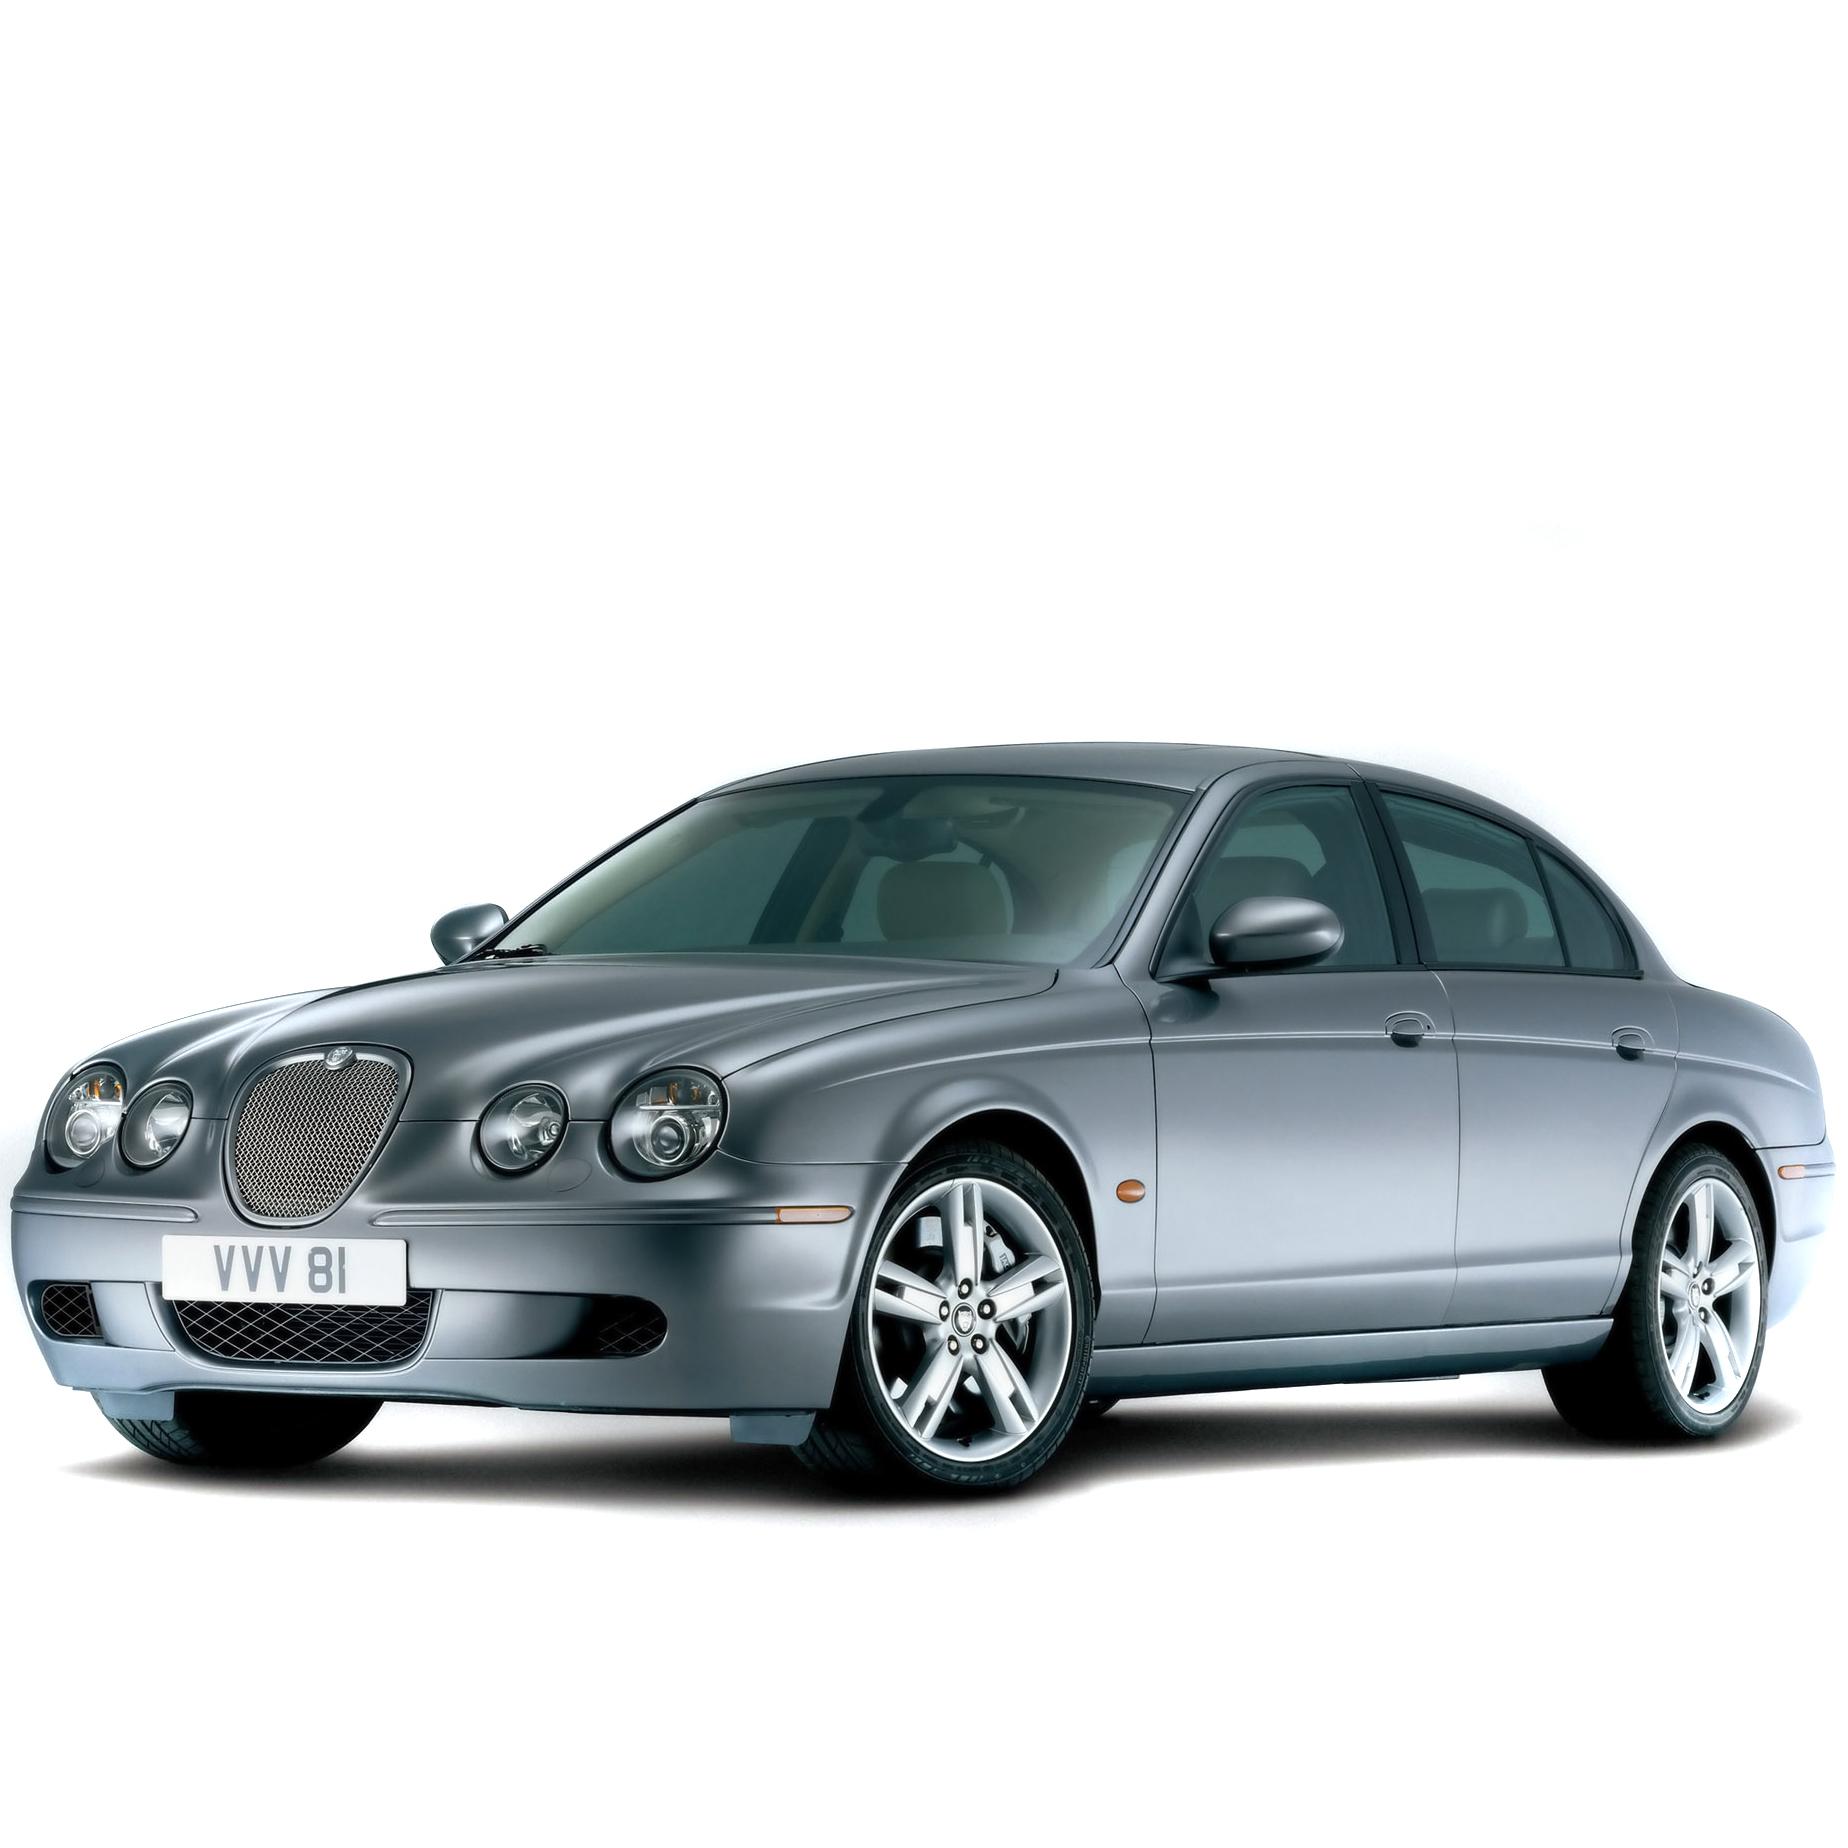 Jaguar S Type Car Mats (All Models)